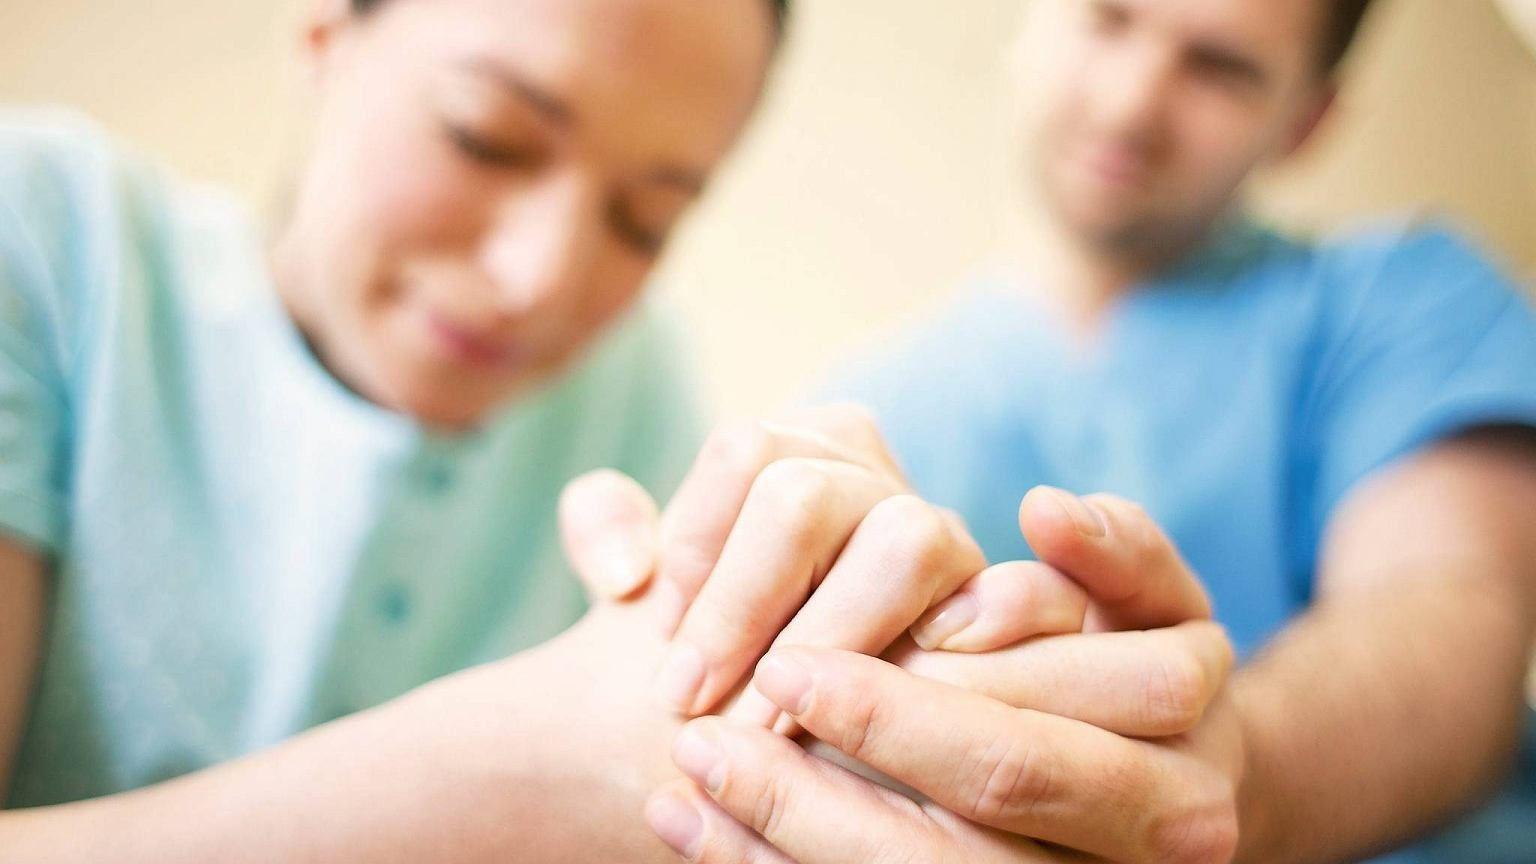 женщина перед родами держит врача за руку